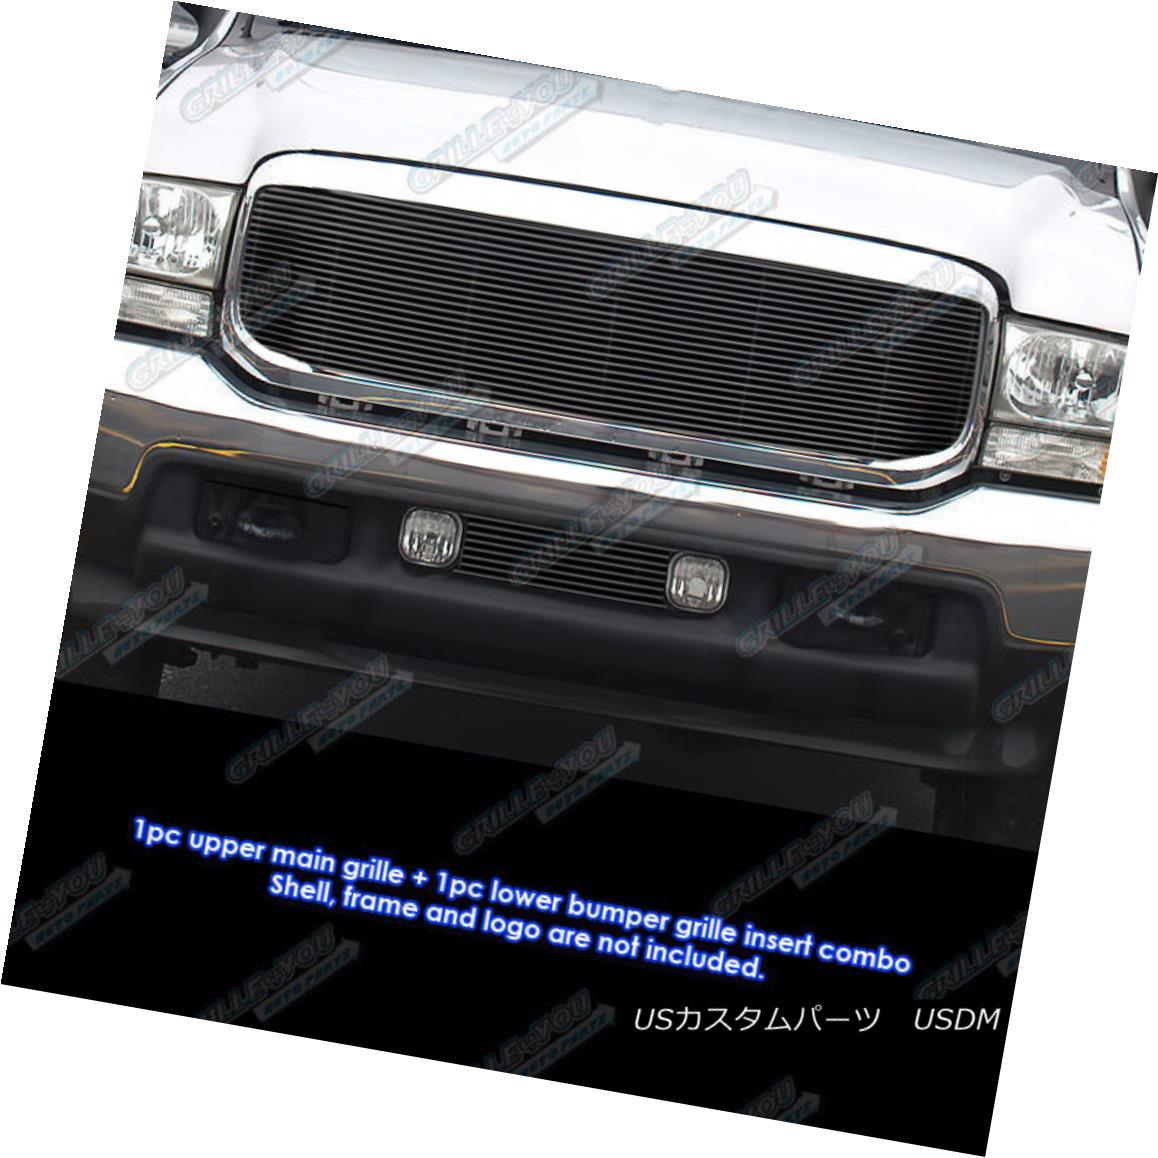 グリル Fit 99-04 Ford F-250 Super Duty/Excursion Black Billet Grille Grill Combo Insert Fit 99-04 Ford F-250スーパーデューティ/エクスカーションブラックビレットグリルグリルコンボインサート